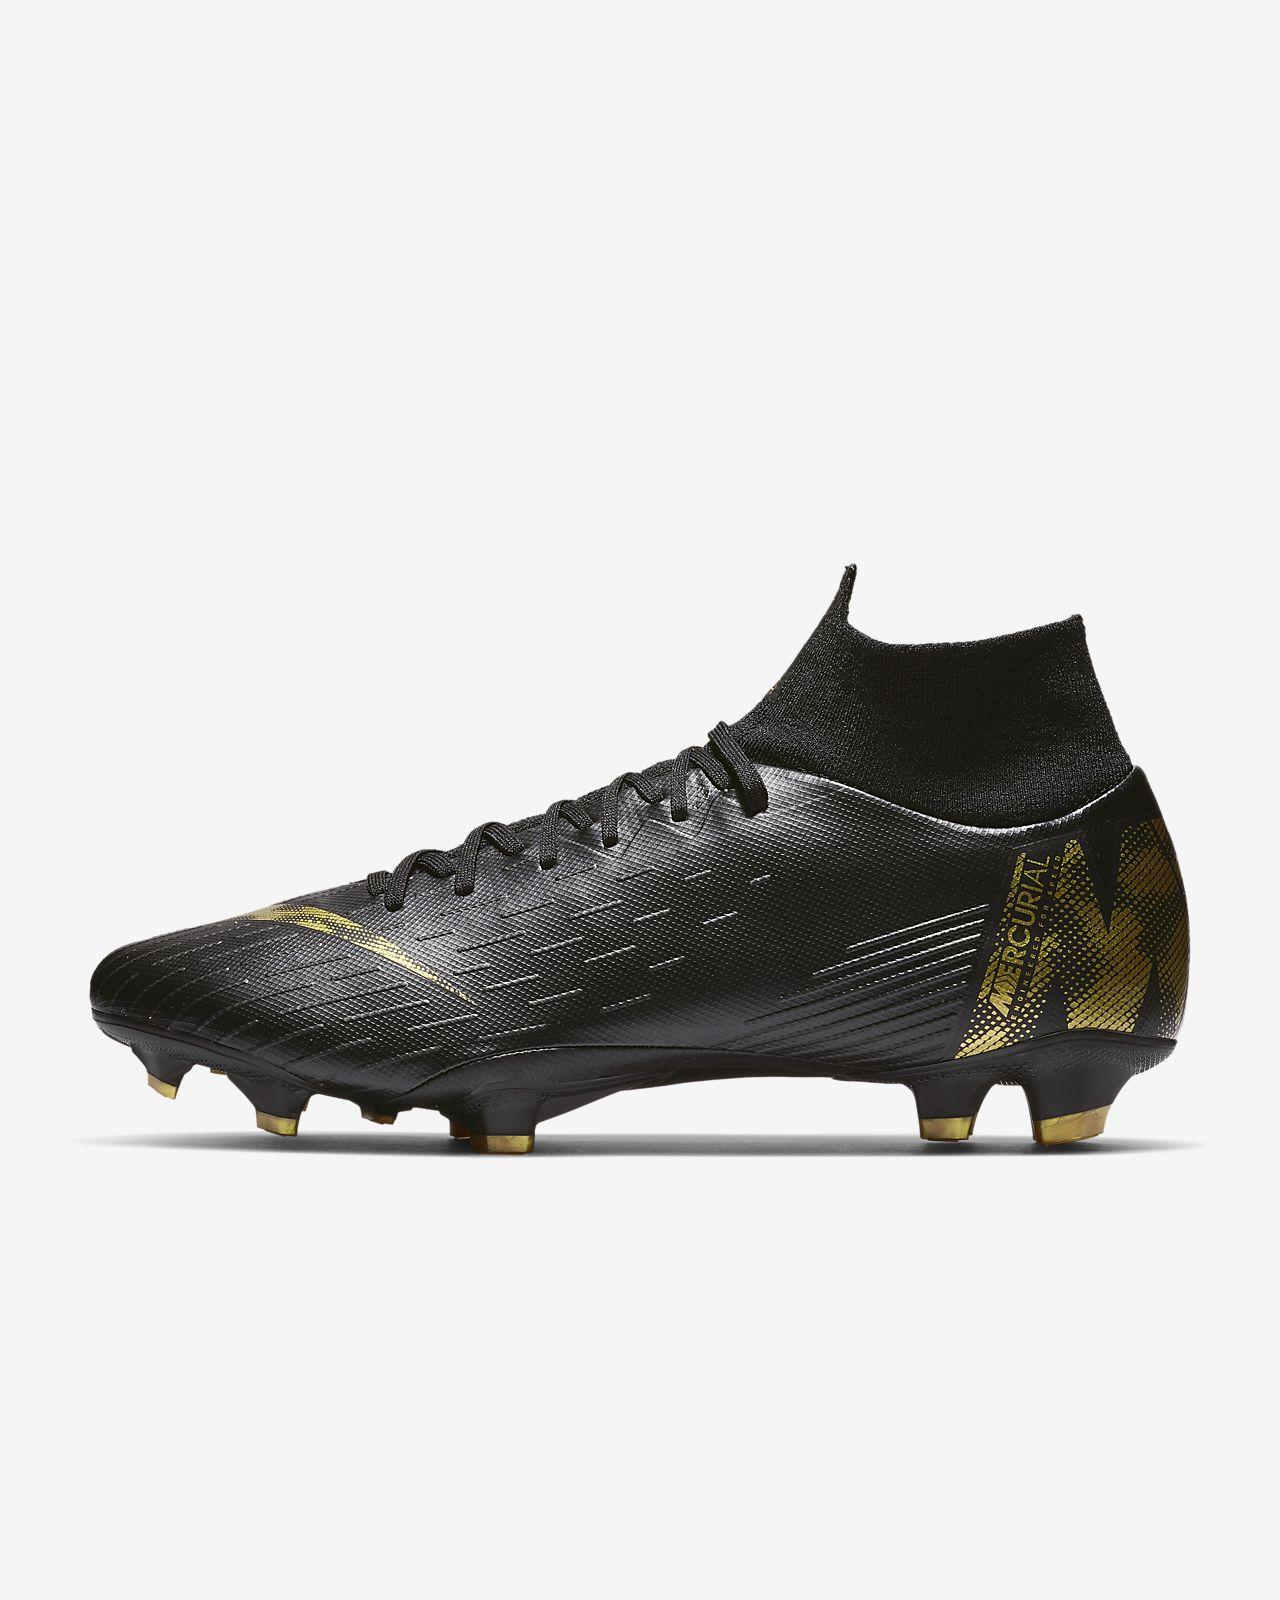 Calzado de fútbol para terreno firme Nike Superfly 6 Pro FG